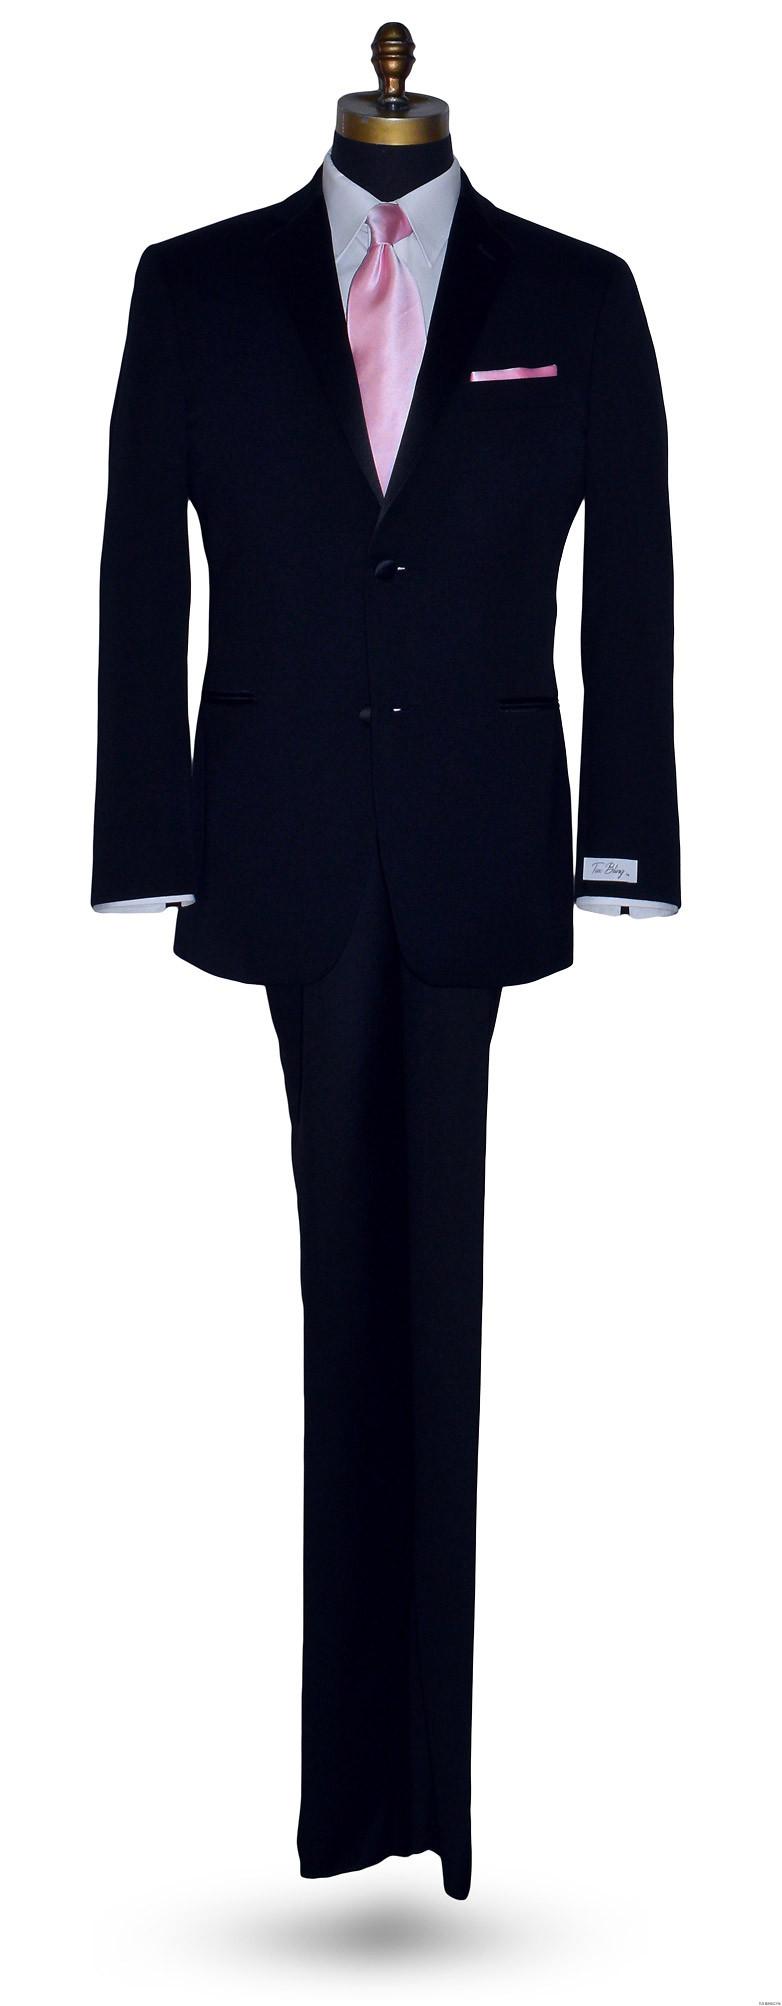 pink long men's tie with tuxbling.com black tuxedo